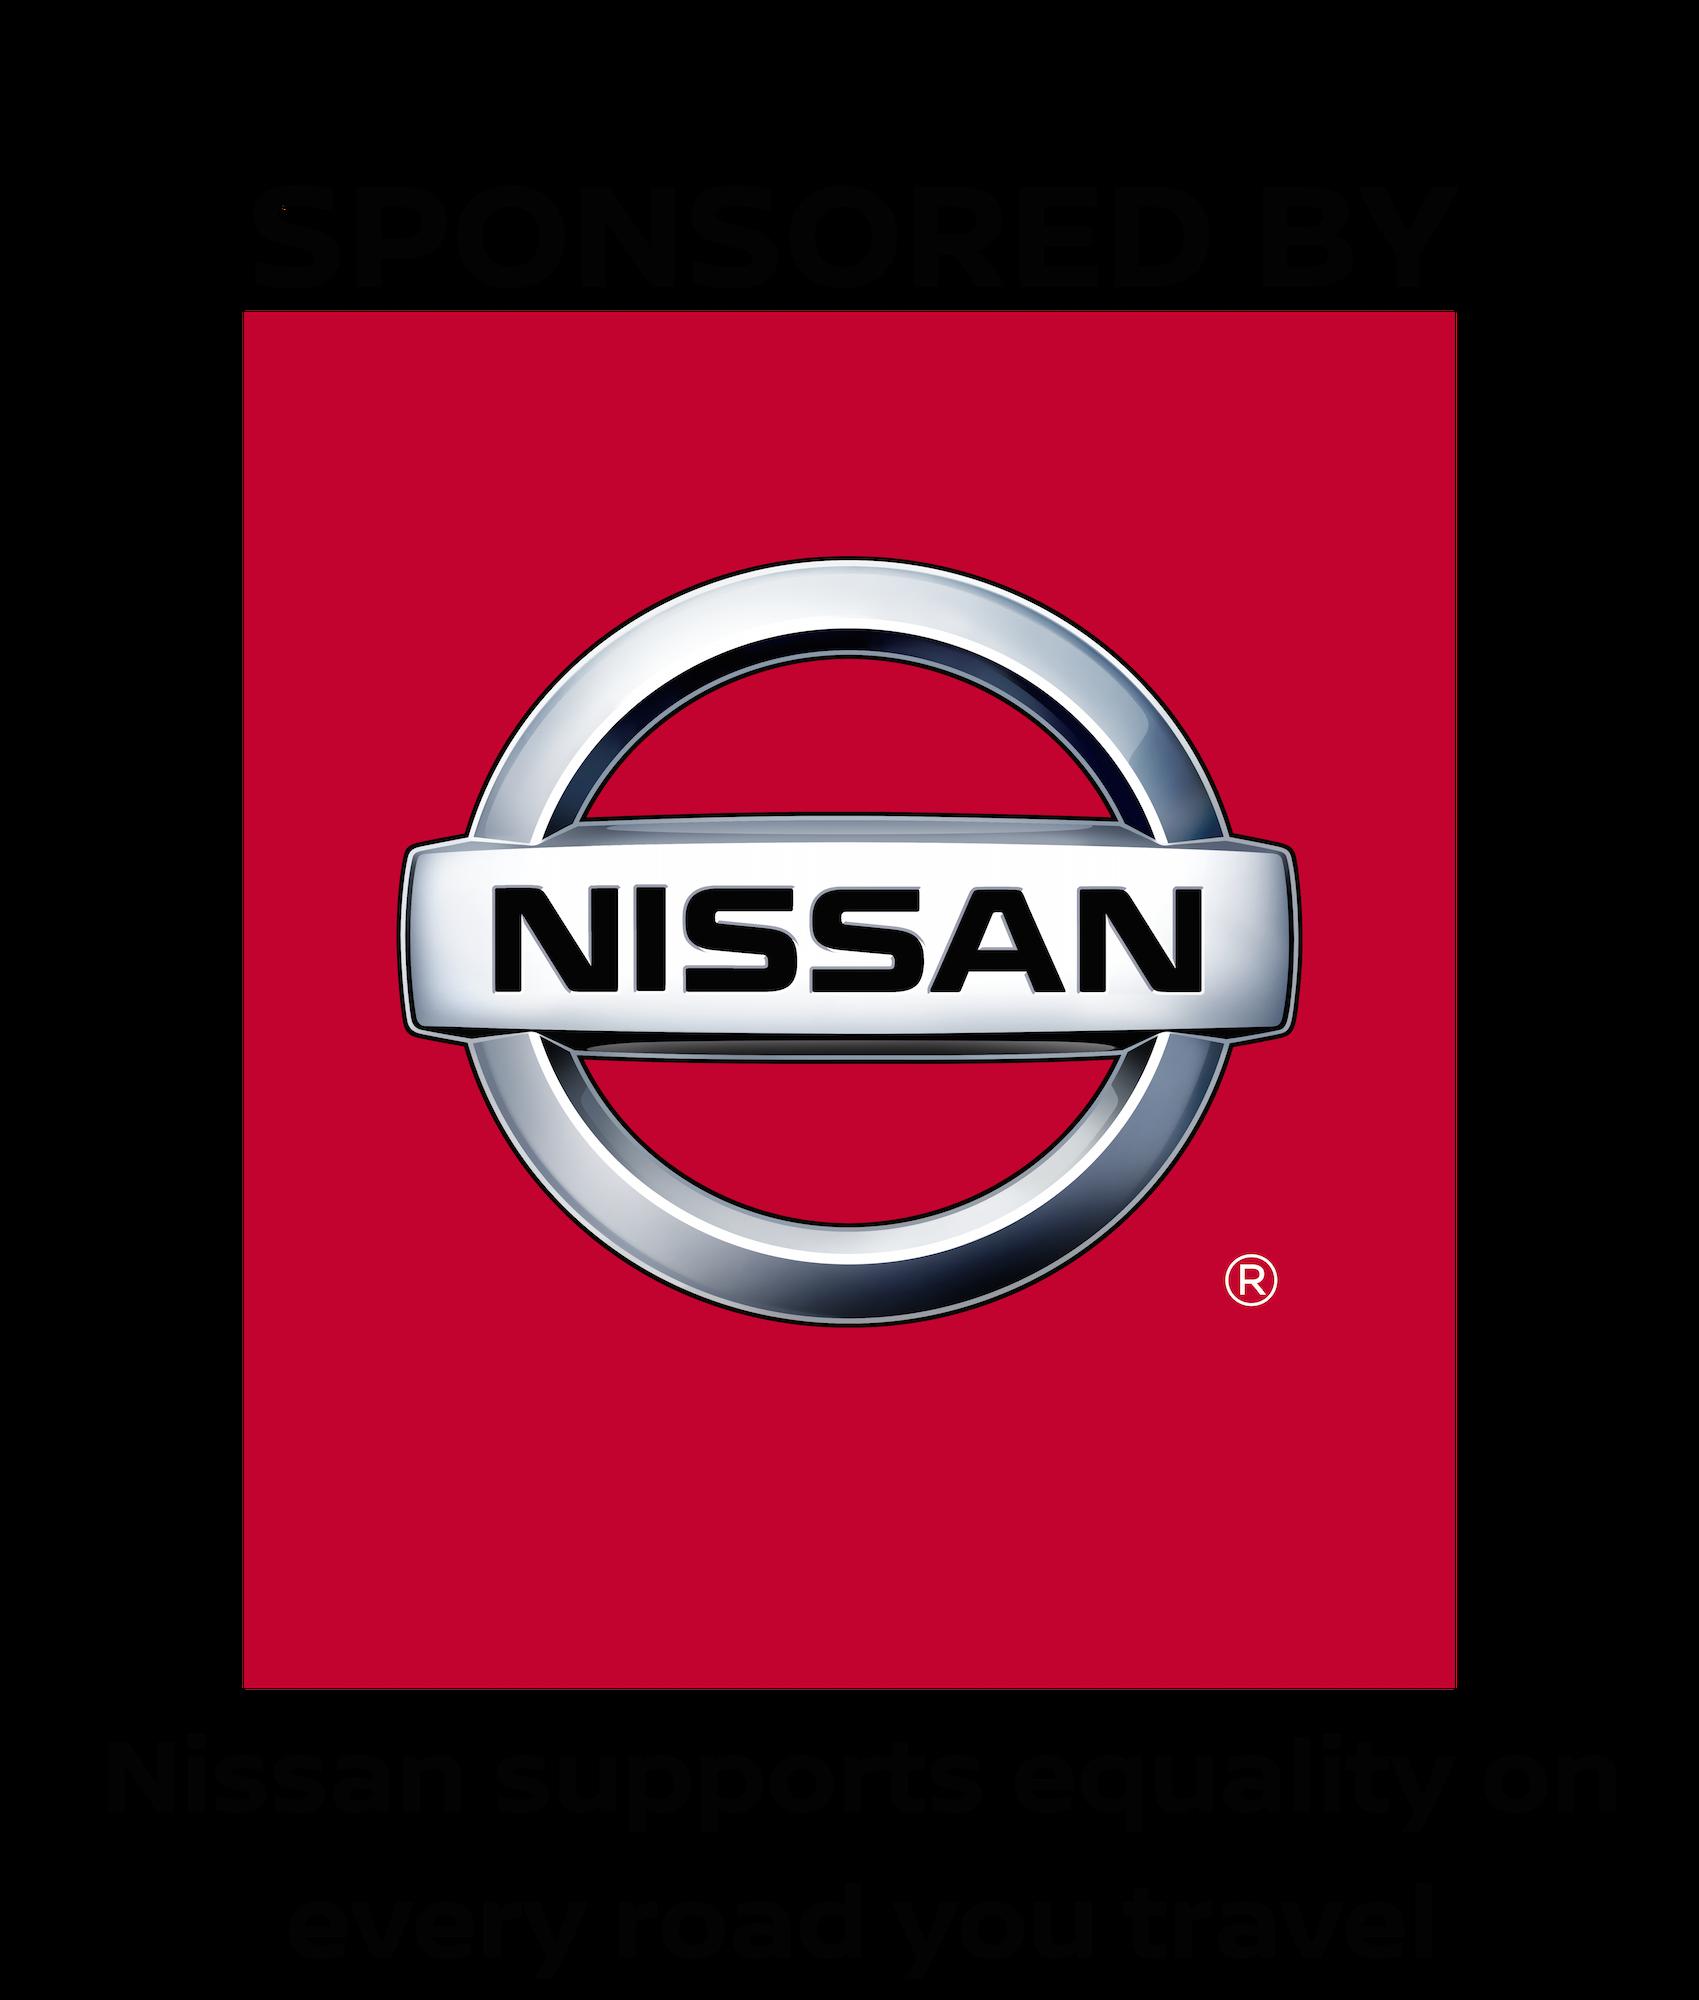 www.nissanusa.com